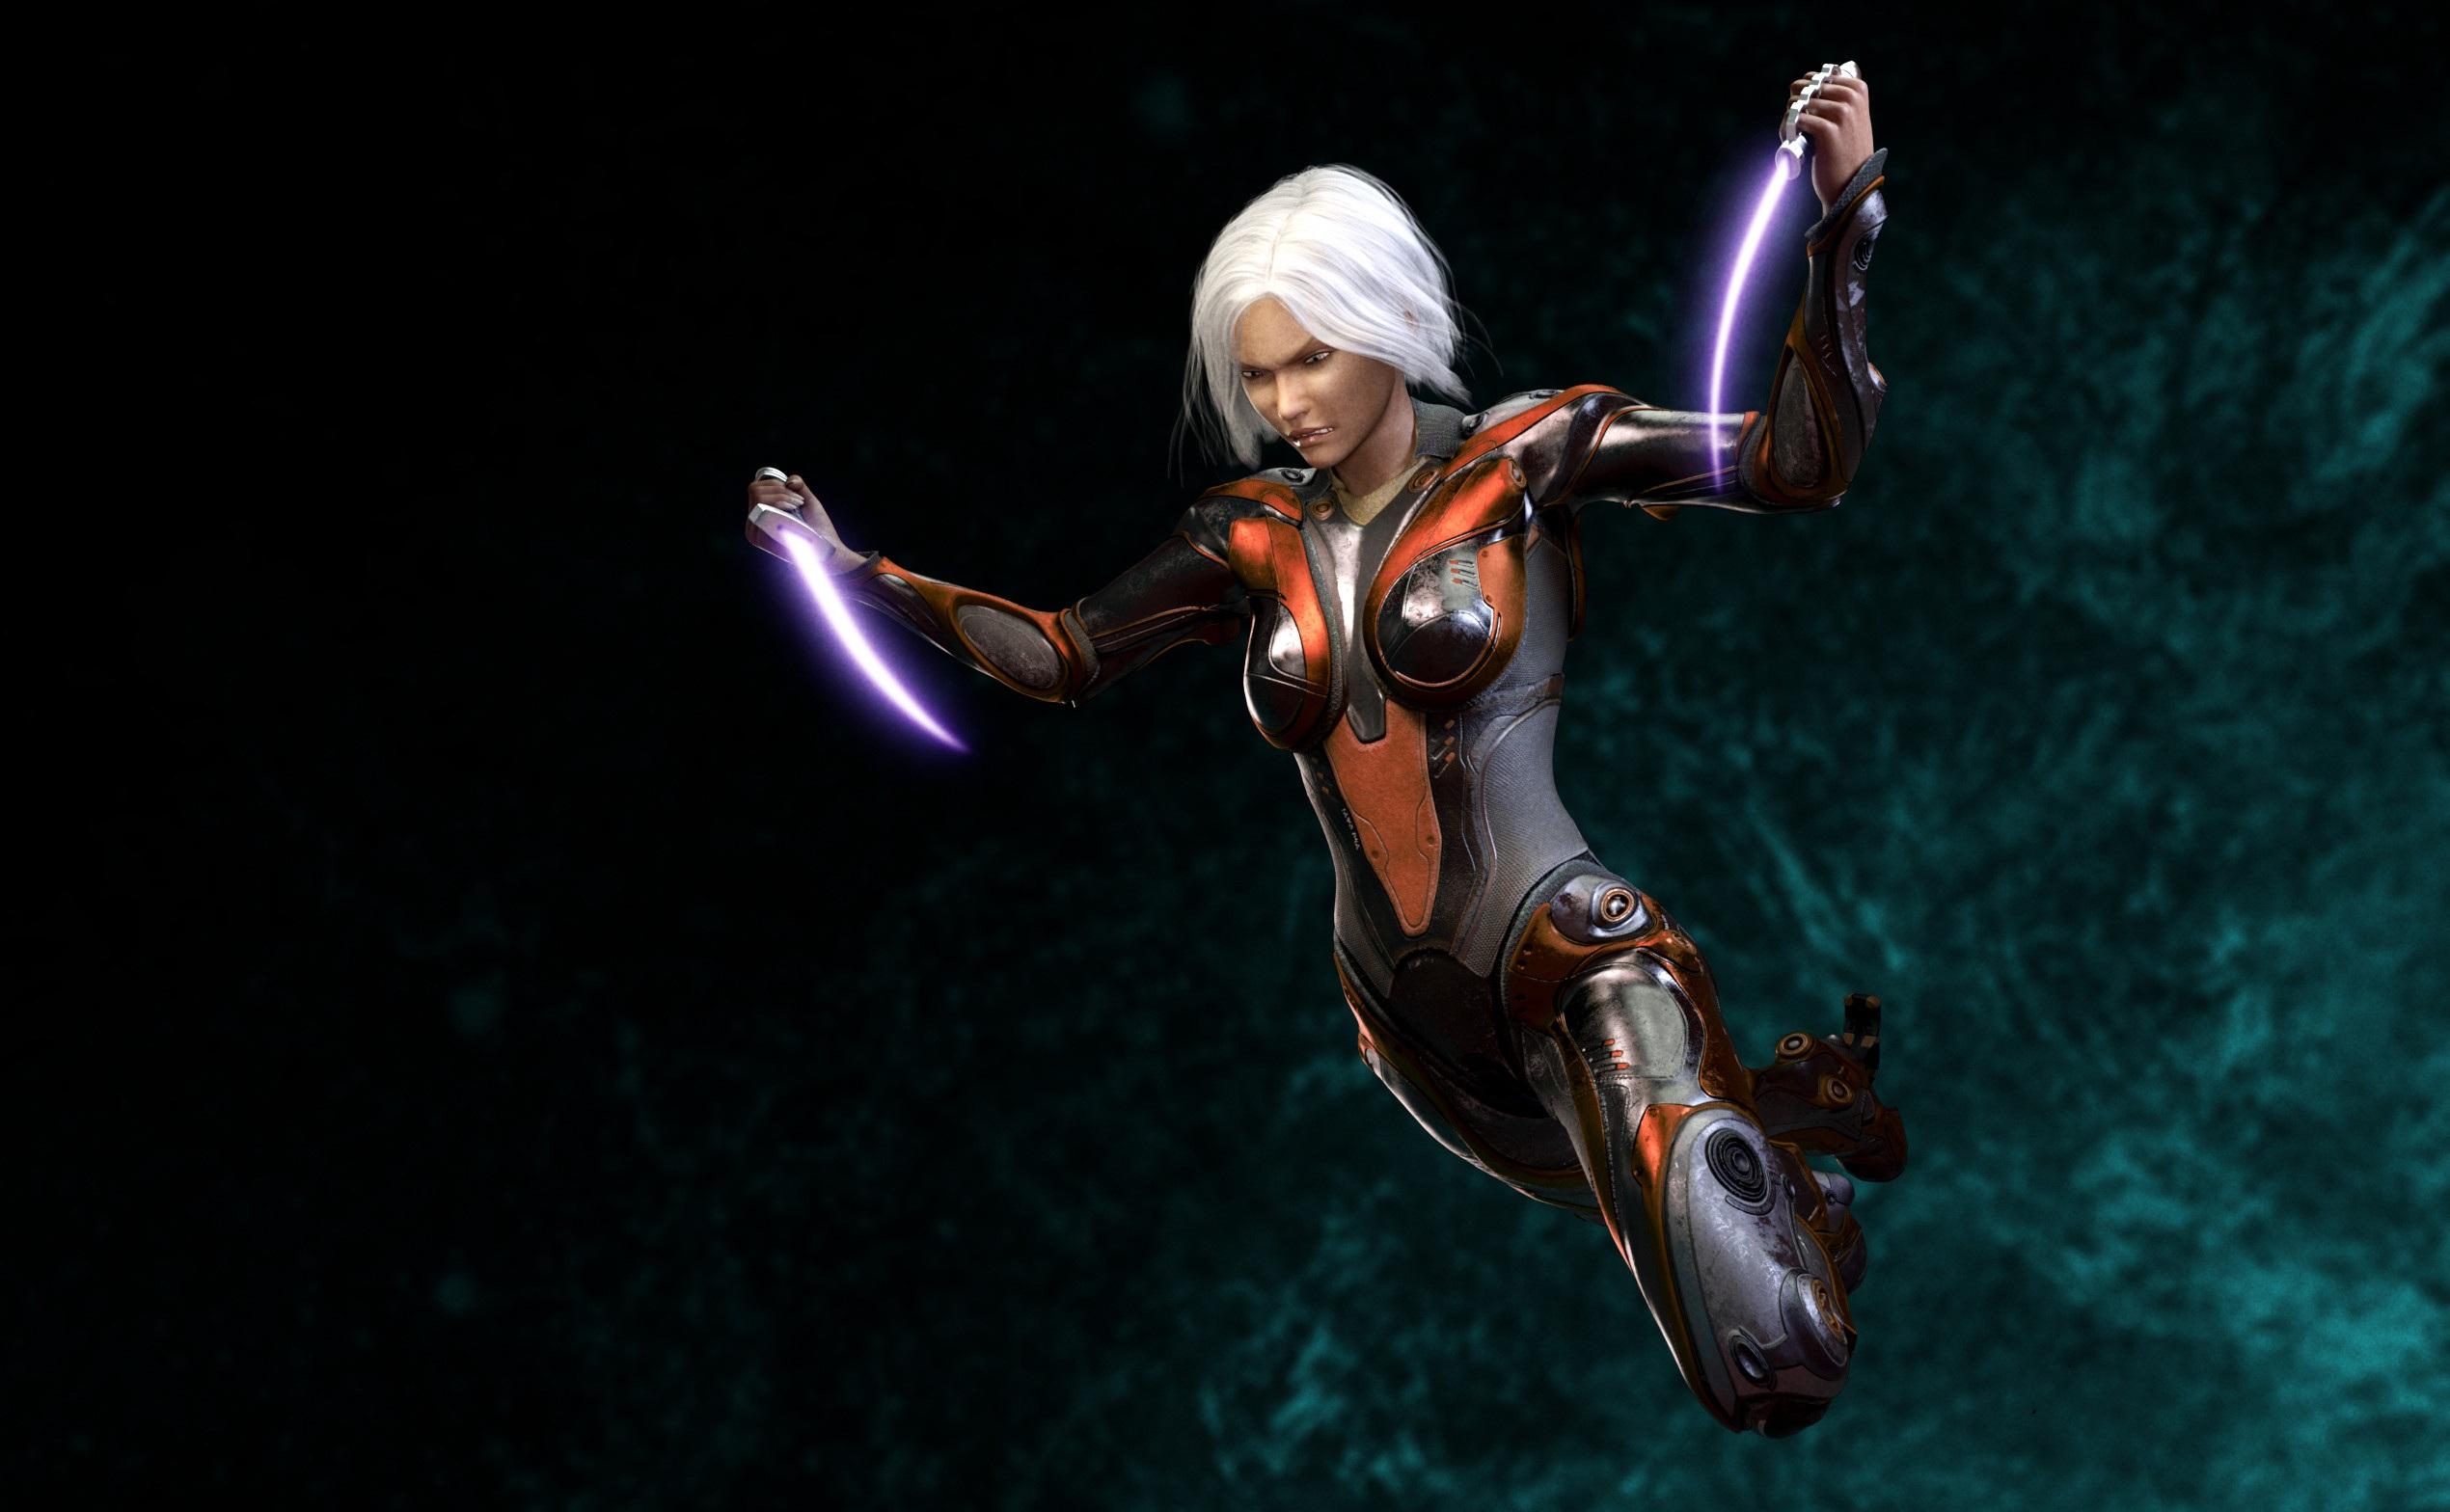 Sci Fi Women Warrior 2540x1568